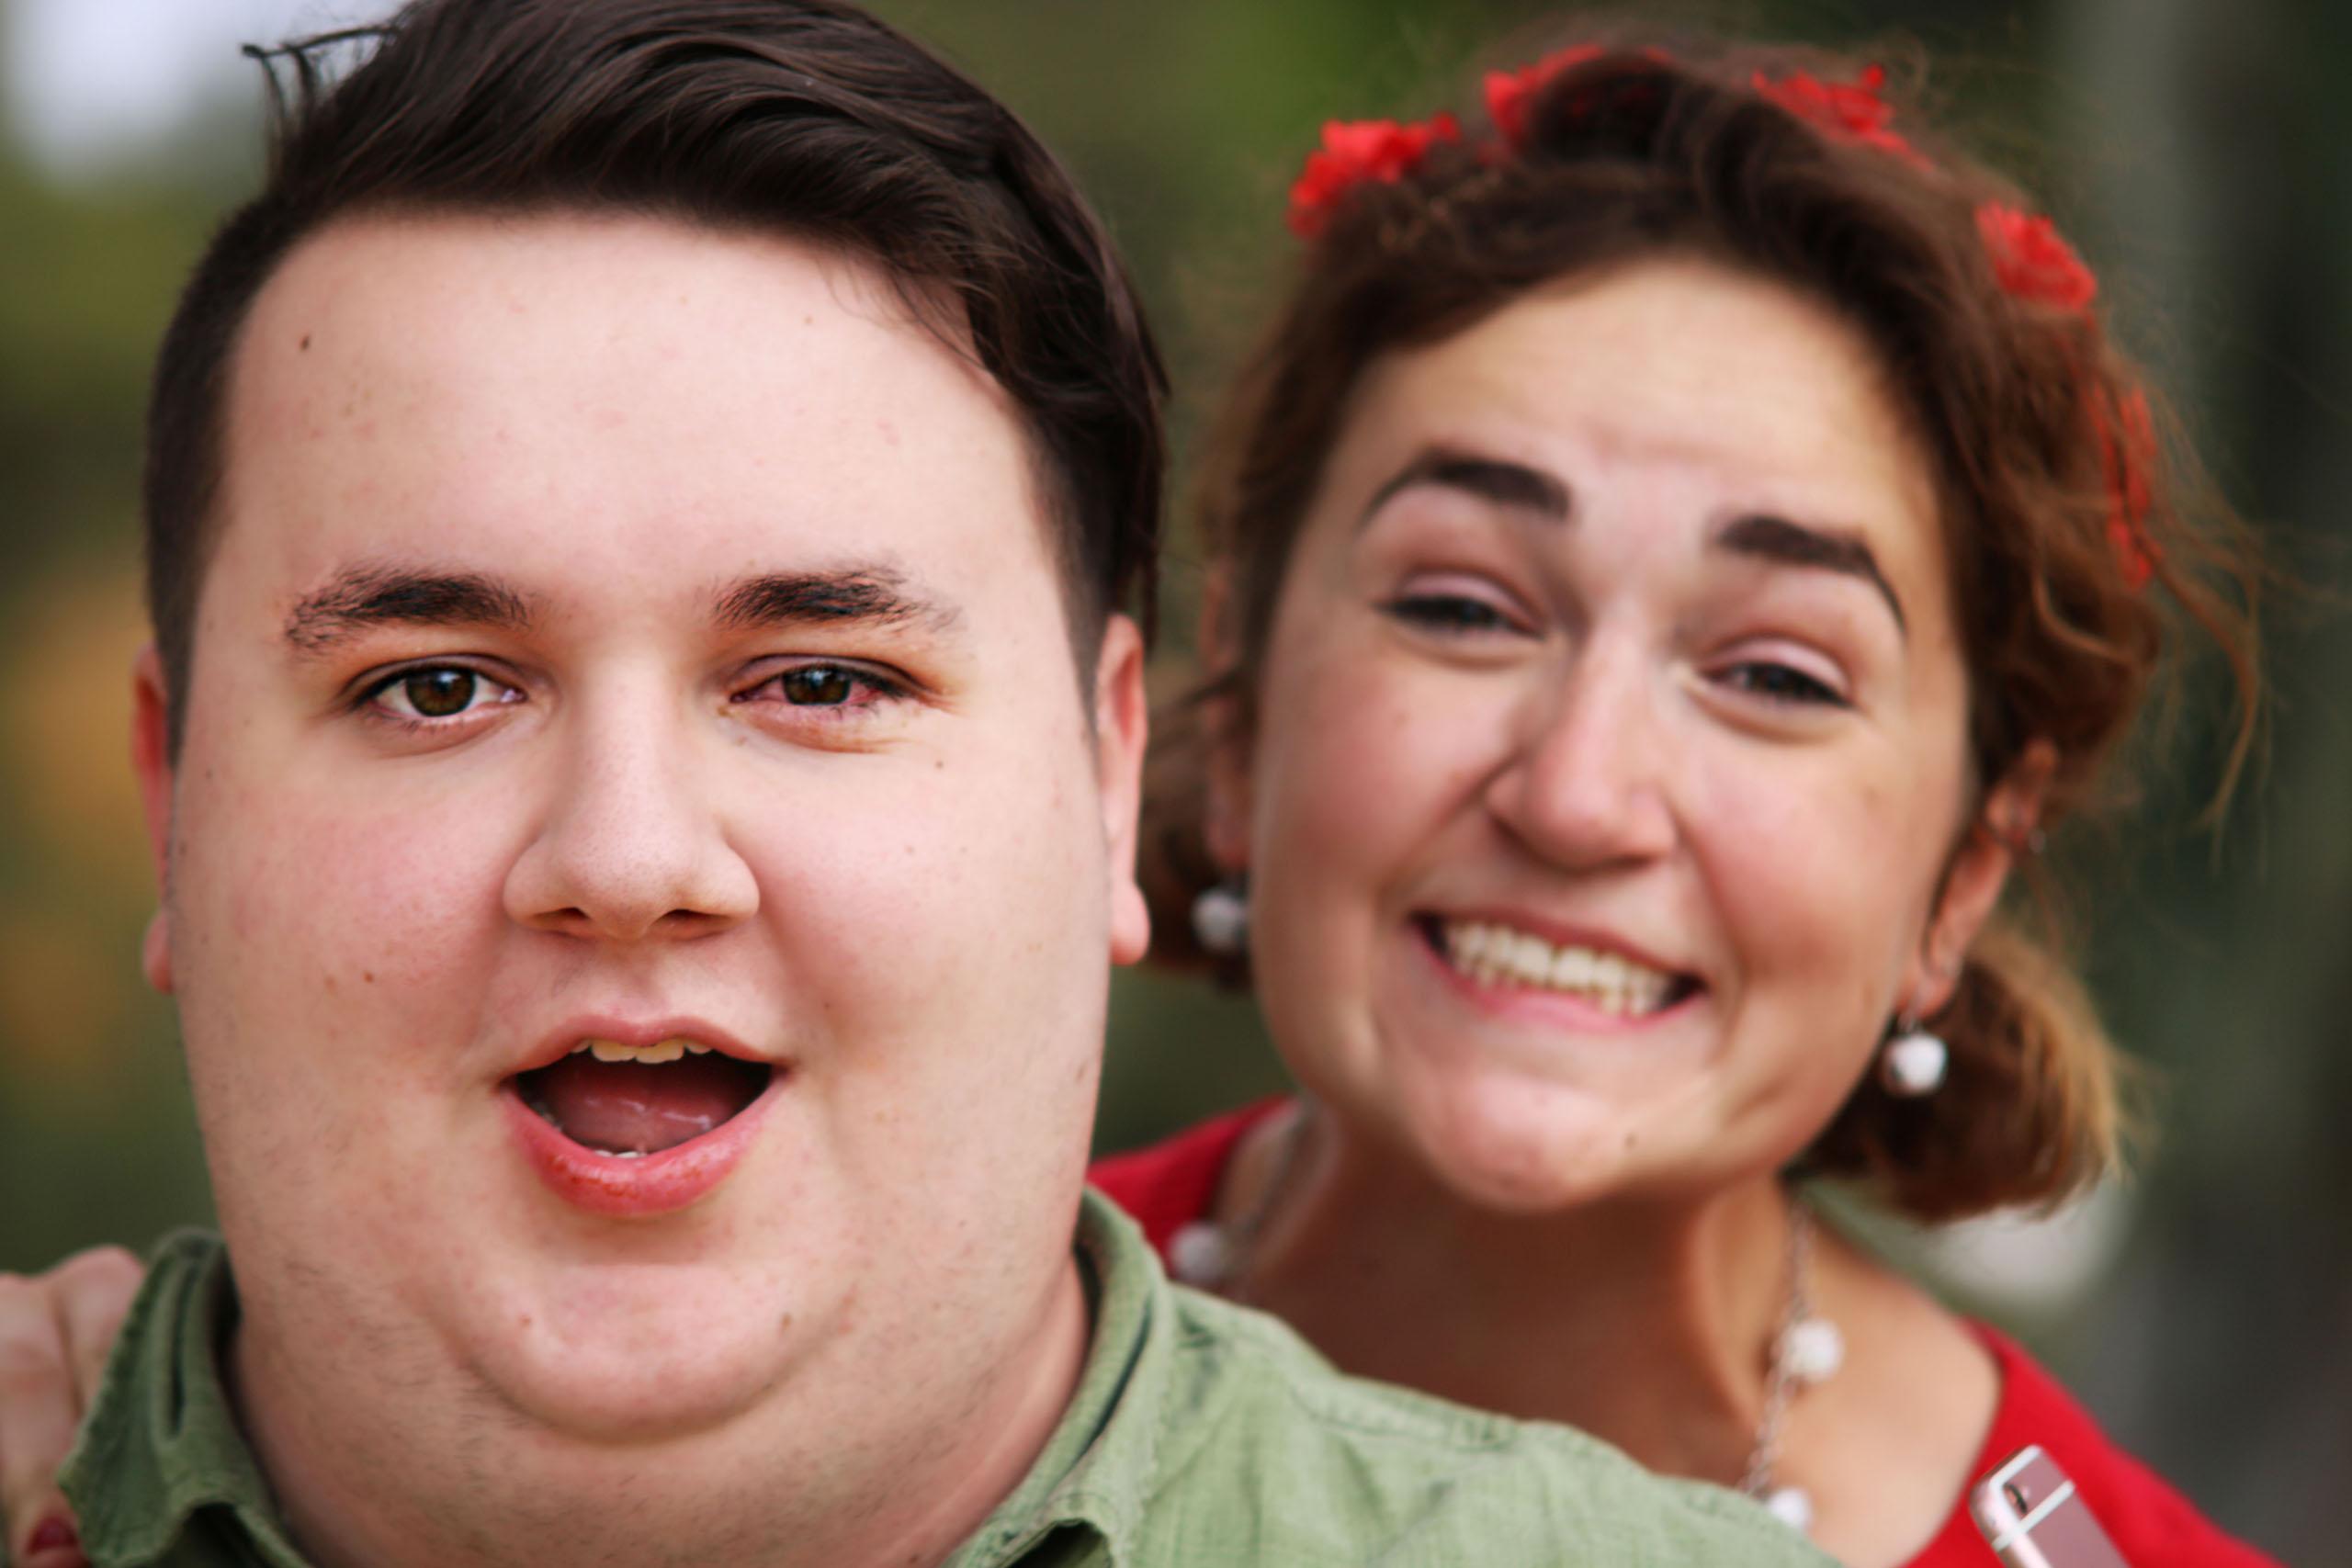 Jacob with Megan